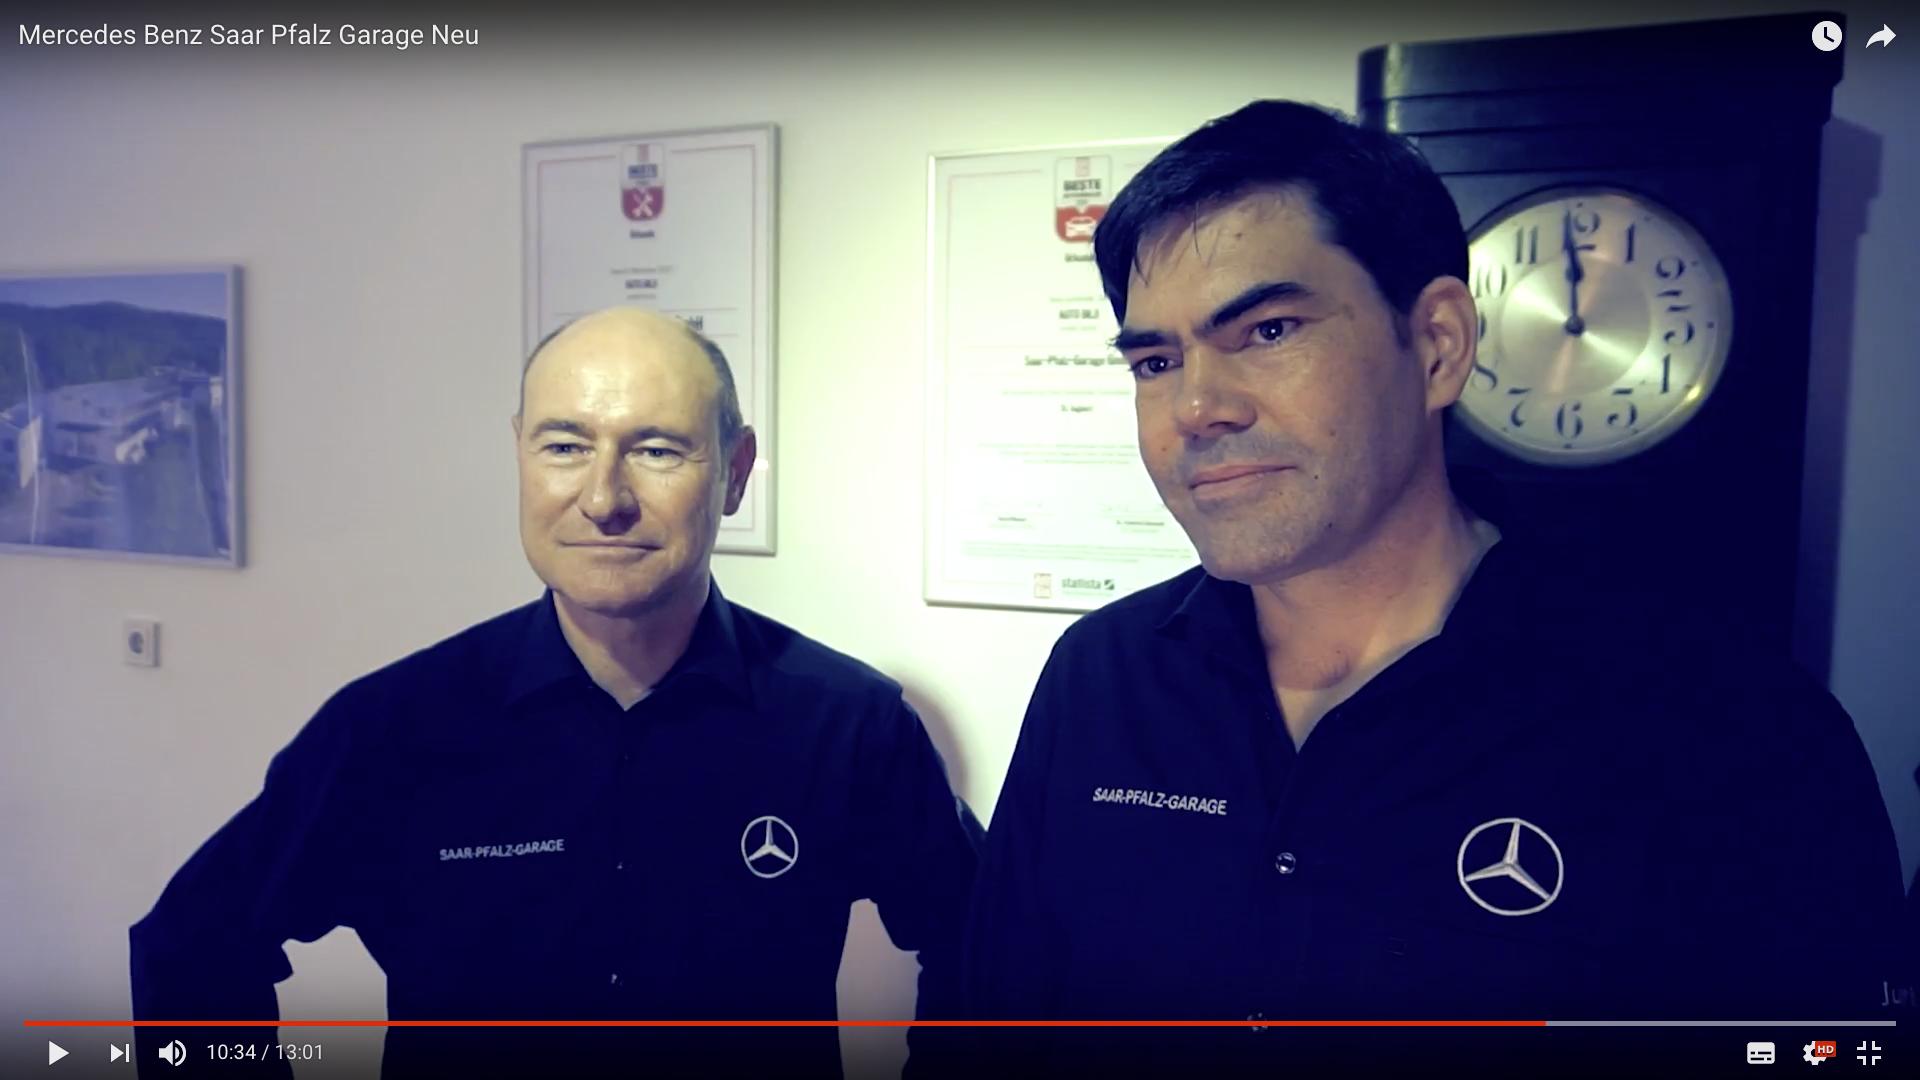 2017 Mercedes Benz Saar Pfalz Garage Neu Oliver Kurz und Lukas Haag_MSM_MEDIEN_SAAR_MOSEL_SAARLAND_FERNSEHEN_1_ED_SAAR